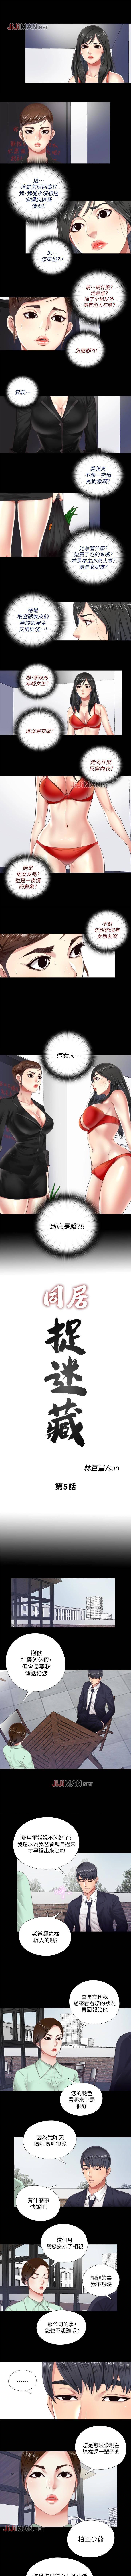 【已完结】同居捉迷藏(作者:林巨星) 第1~30话 19